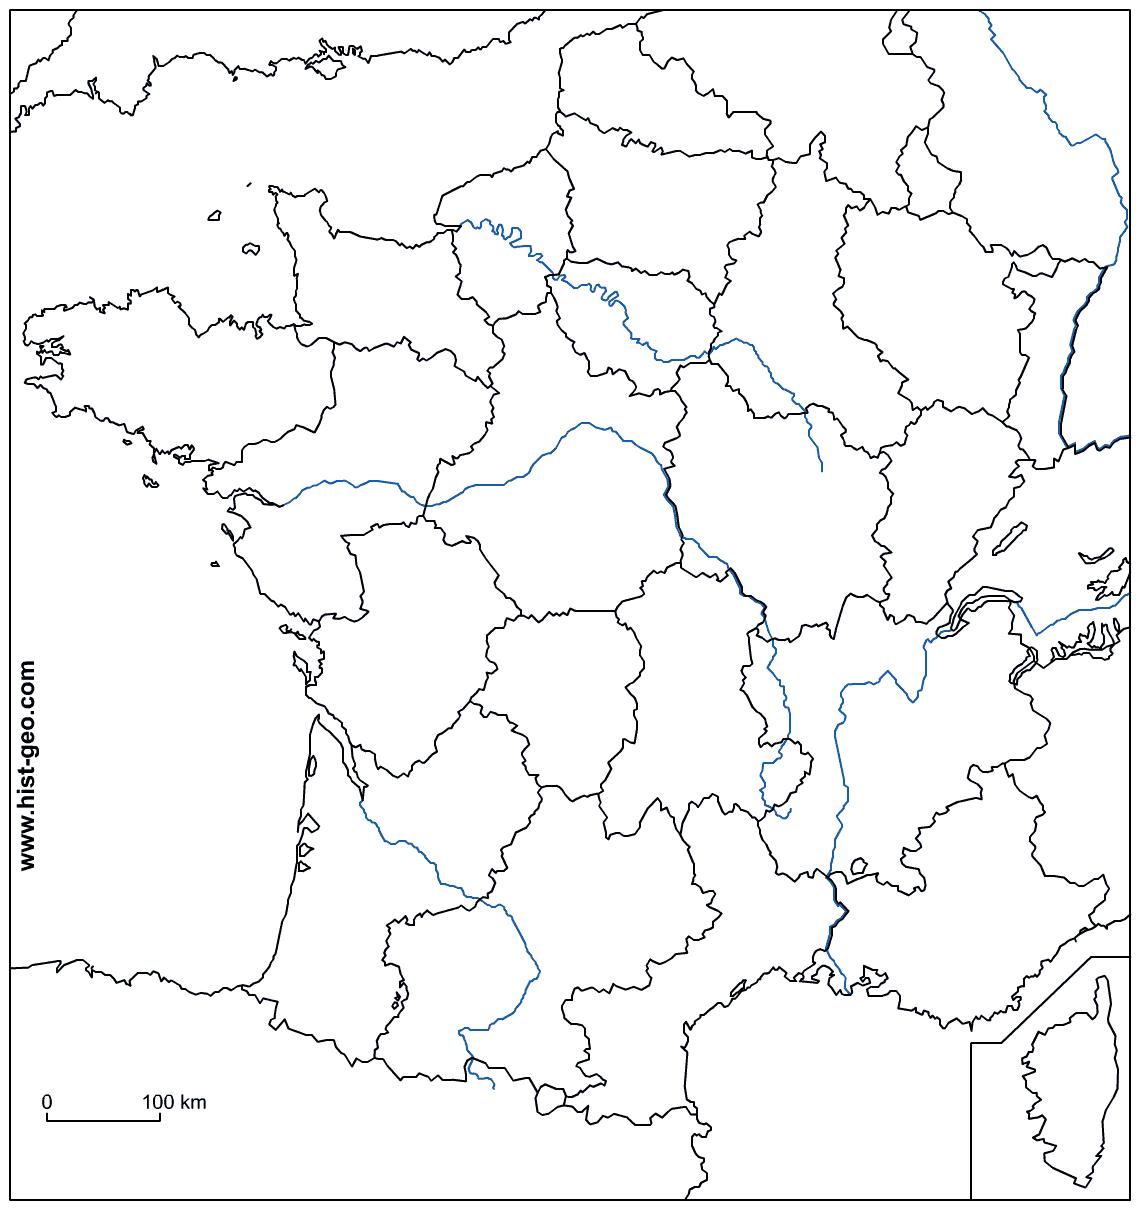 Fond De Carte - France (Frontières, Fleuves Et Régions) pour Fond De Carte France Vierge